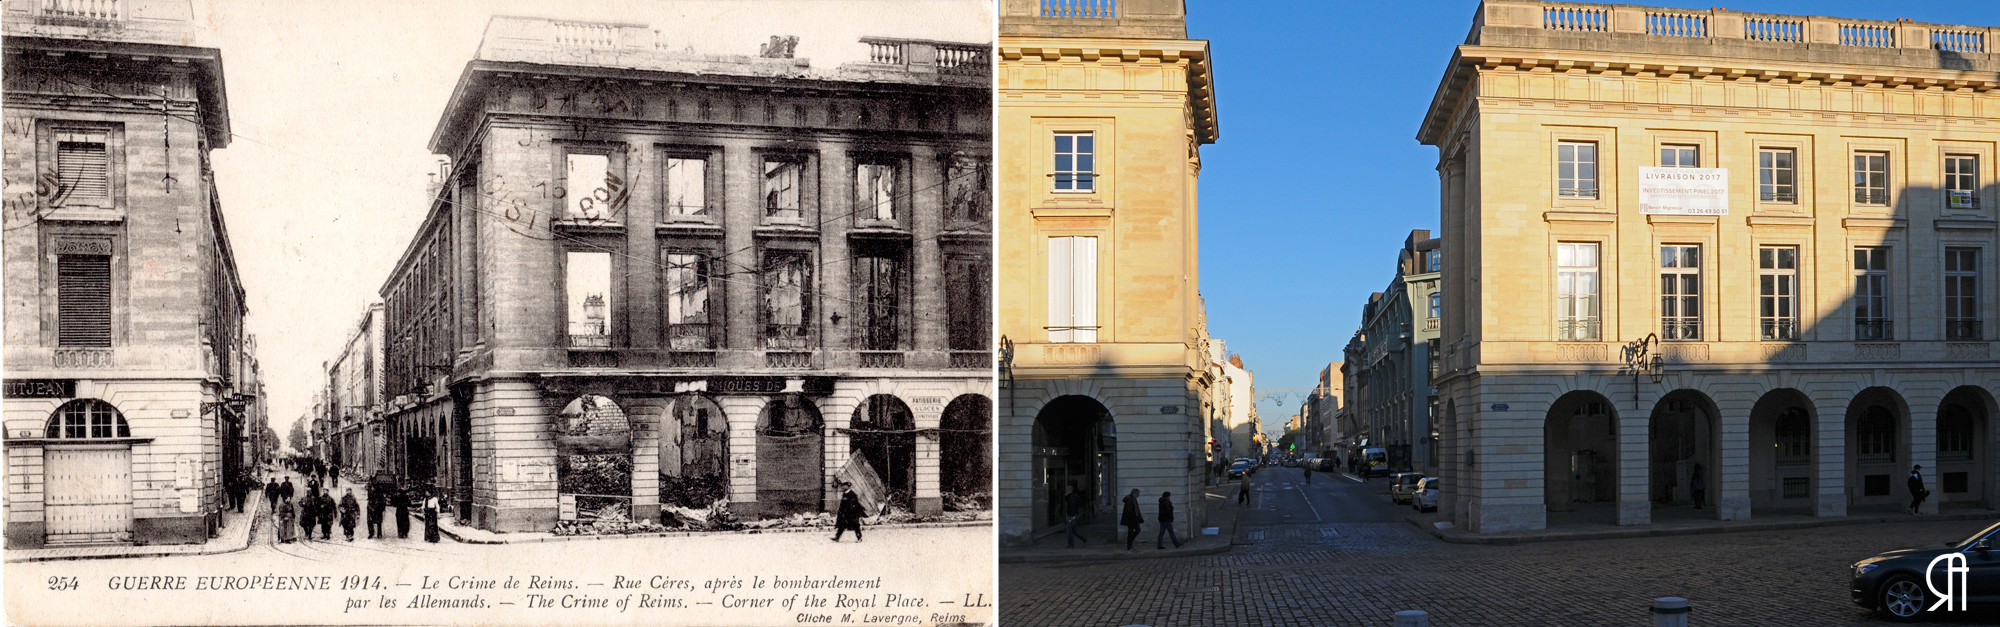 Place Royale et la rue Cérès